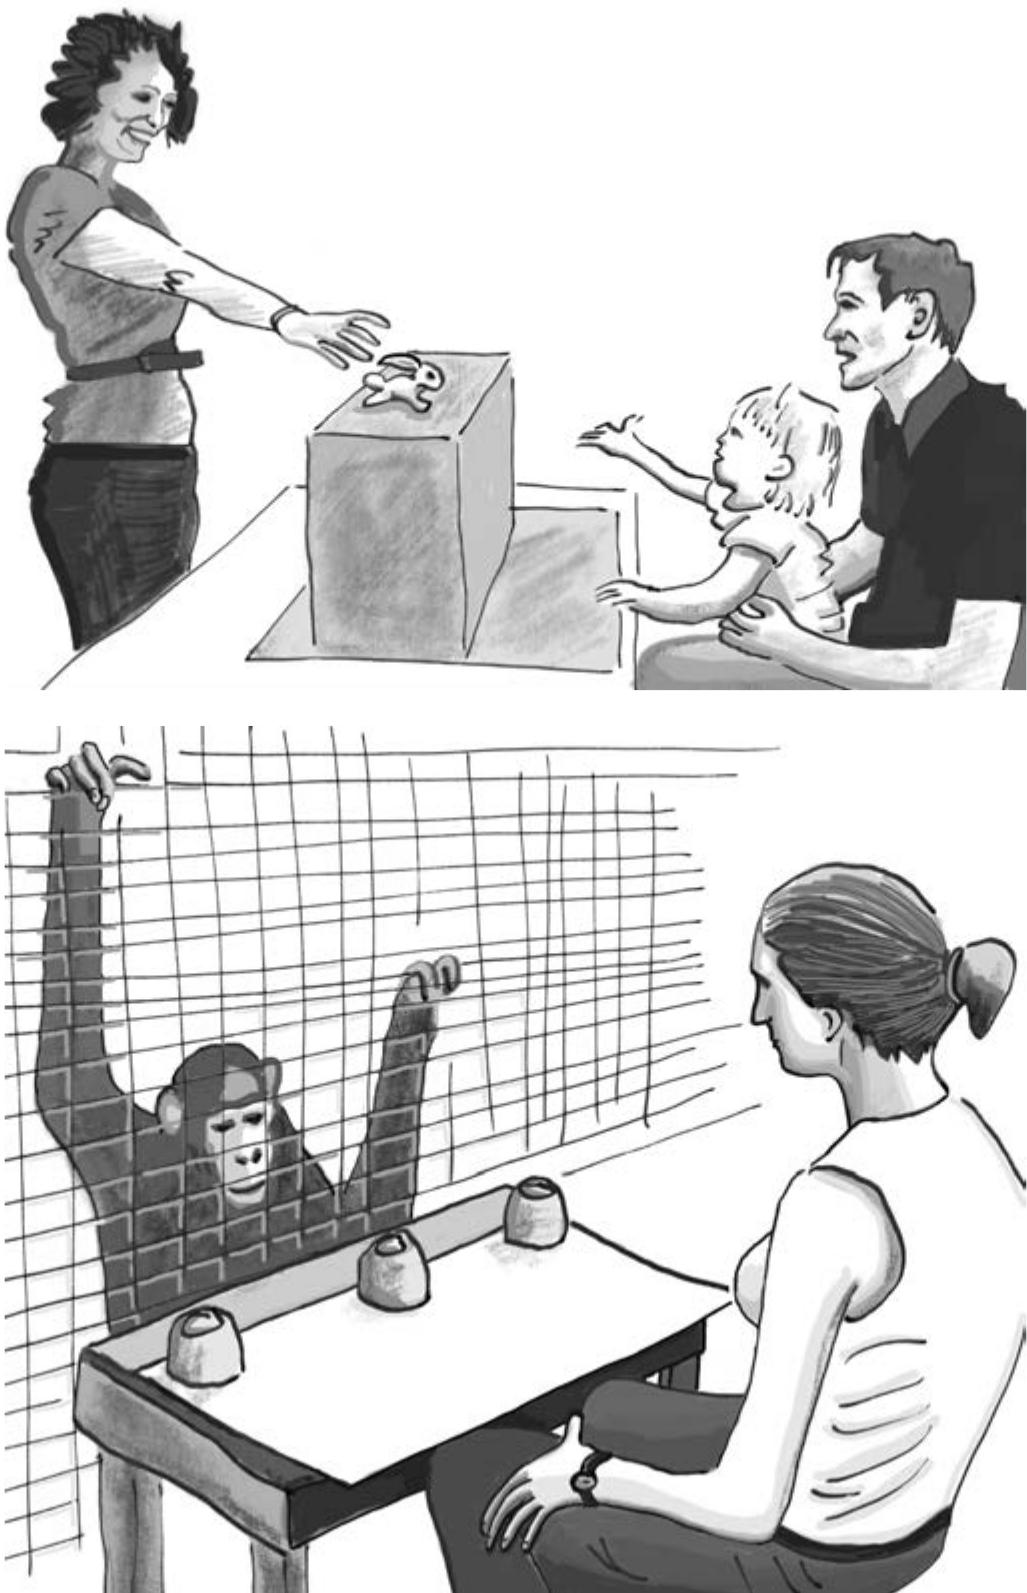 Познавательные способности детей и человекообразных обезьян сравниваются, на первый взгляд, в одинаковых условиях. Однако детей не держат за решеткой, с ними разговаривают, и часто они сидят на коленях у своих родителей. Все это позволяет детям наладить отношения с экспериментатором и получать неумышленные подсказки от родителей. Важнейшее отличие в отношении человекообразных обезьян состоит в том, что они сталкиваются с представителем другого вида. Учитывая, насколько сравнение детей и человекообразных обезьян ставит последних в невыгодное положение, его нельзя считать убедительным.